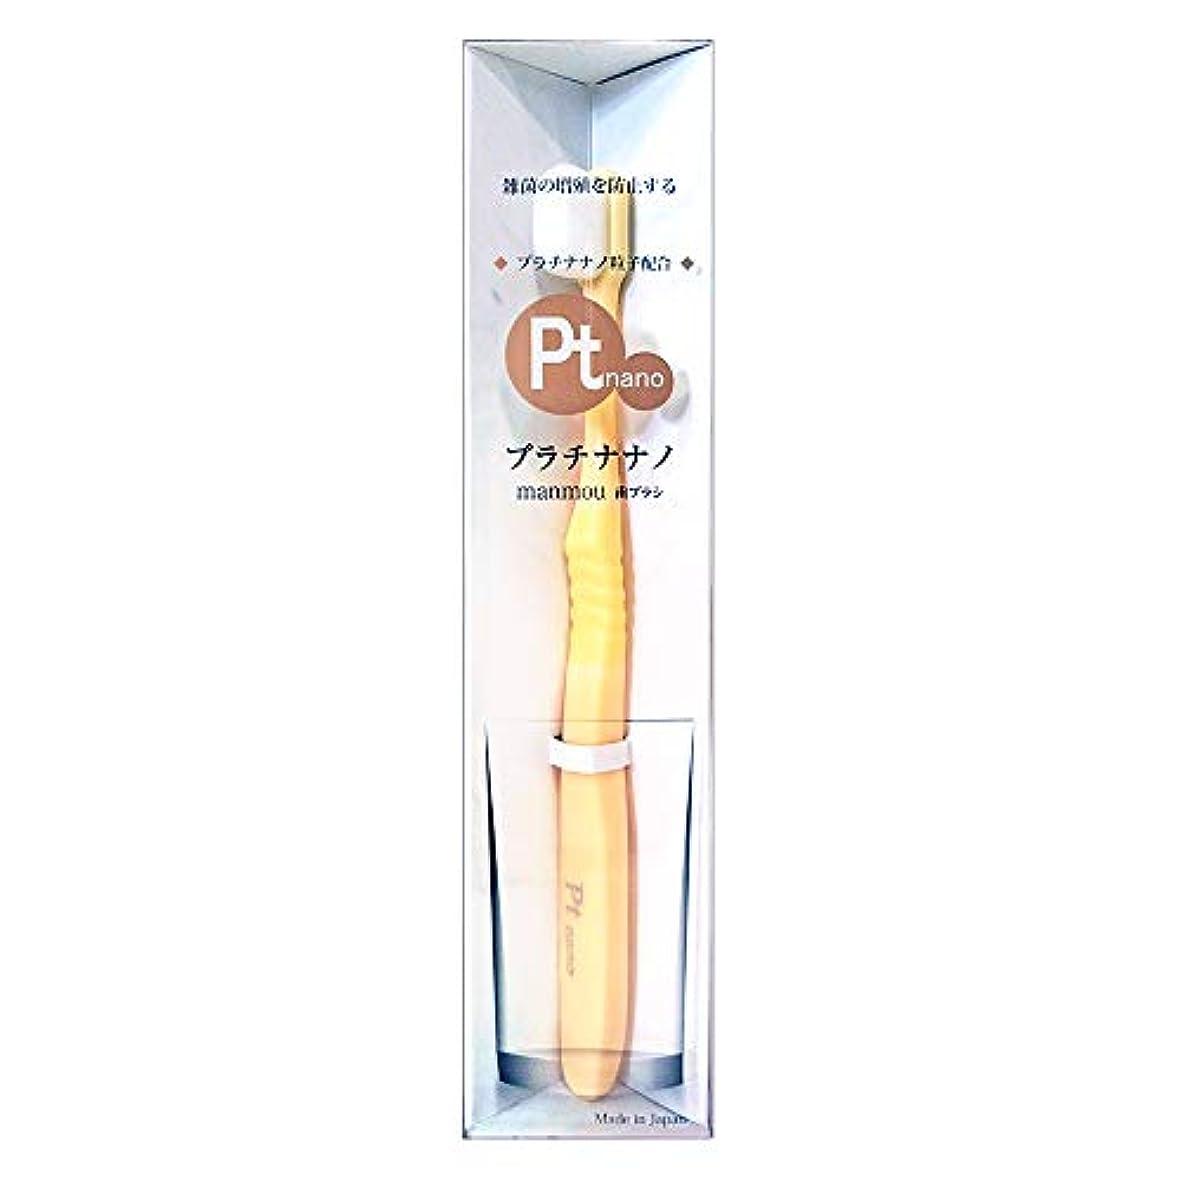 却下するフォーマルスパンPt nano マンモウ歯ブラシ (アイボリー)